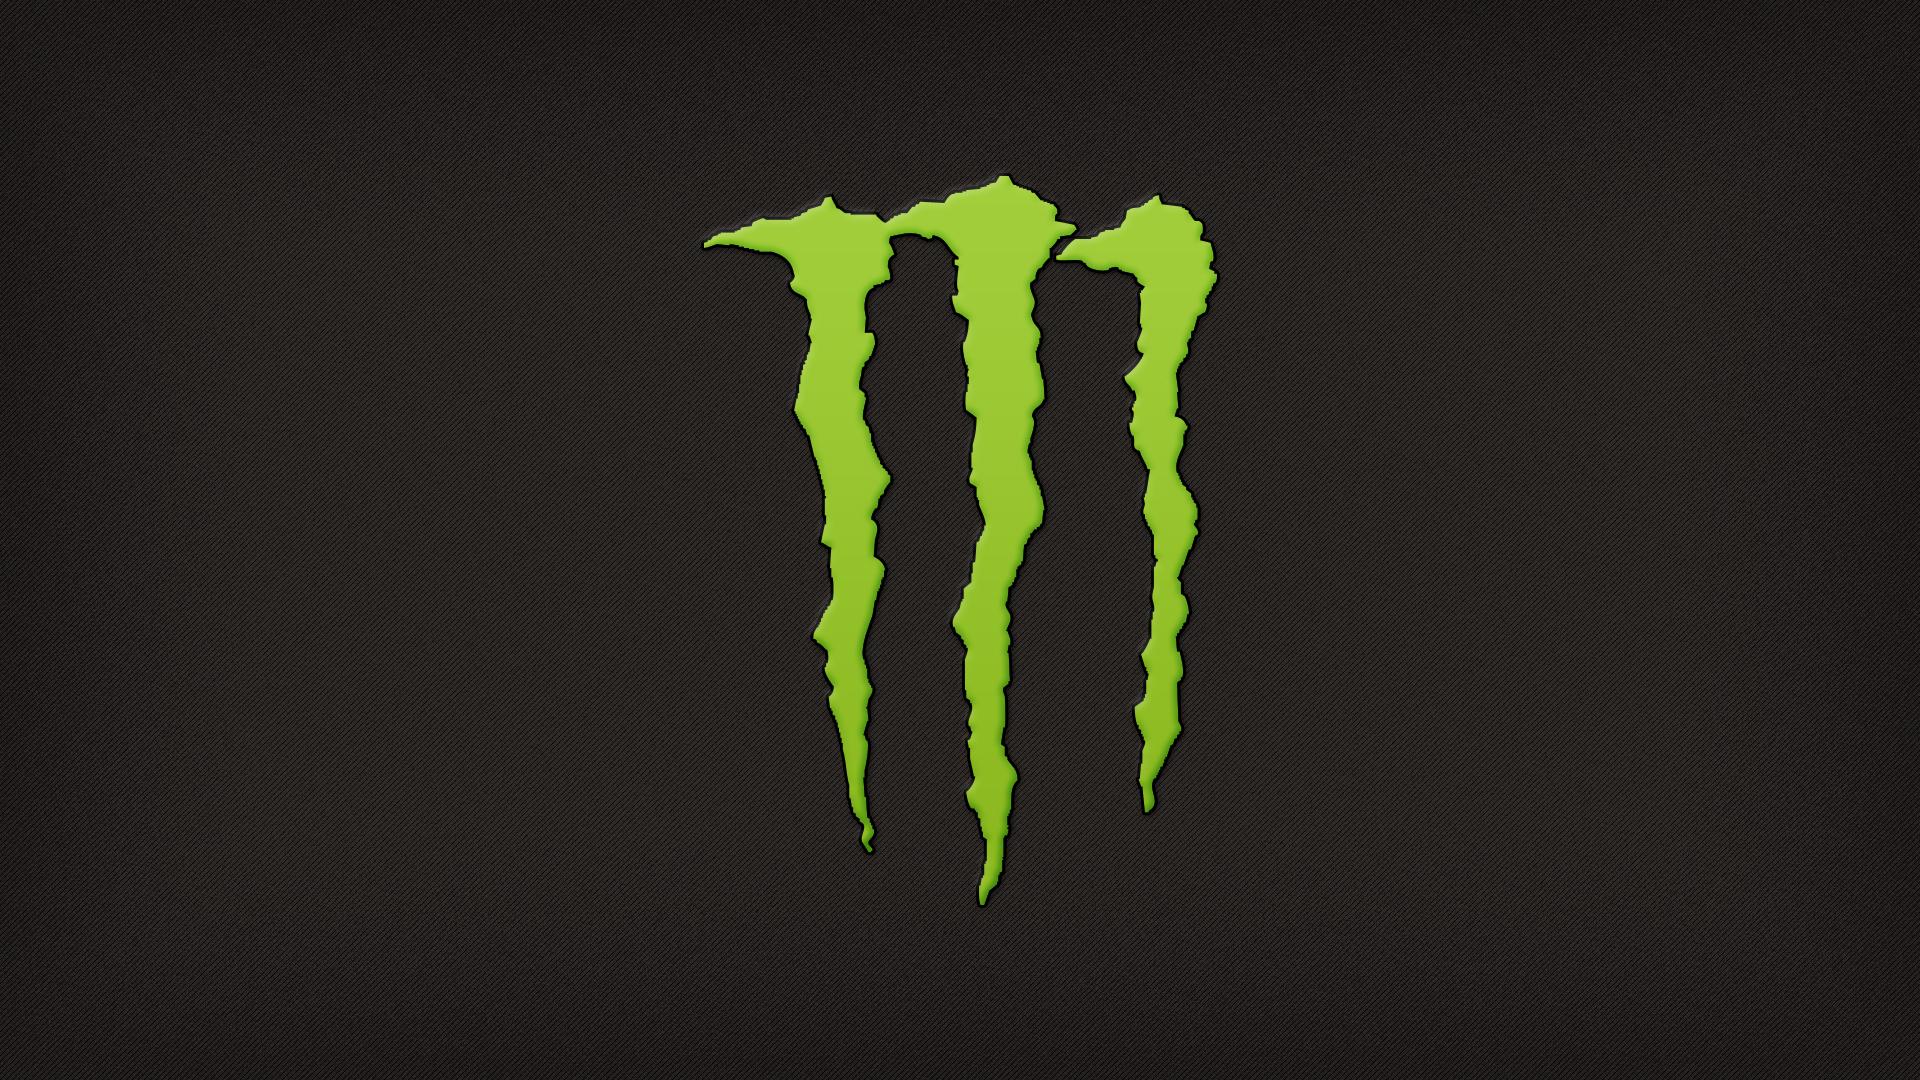 monster energy logo 625 x 526 65 kb jpeg monster energy logo 900 x 1920x1080